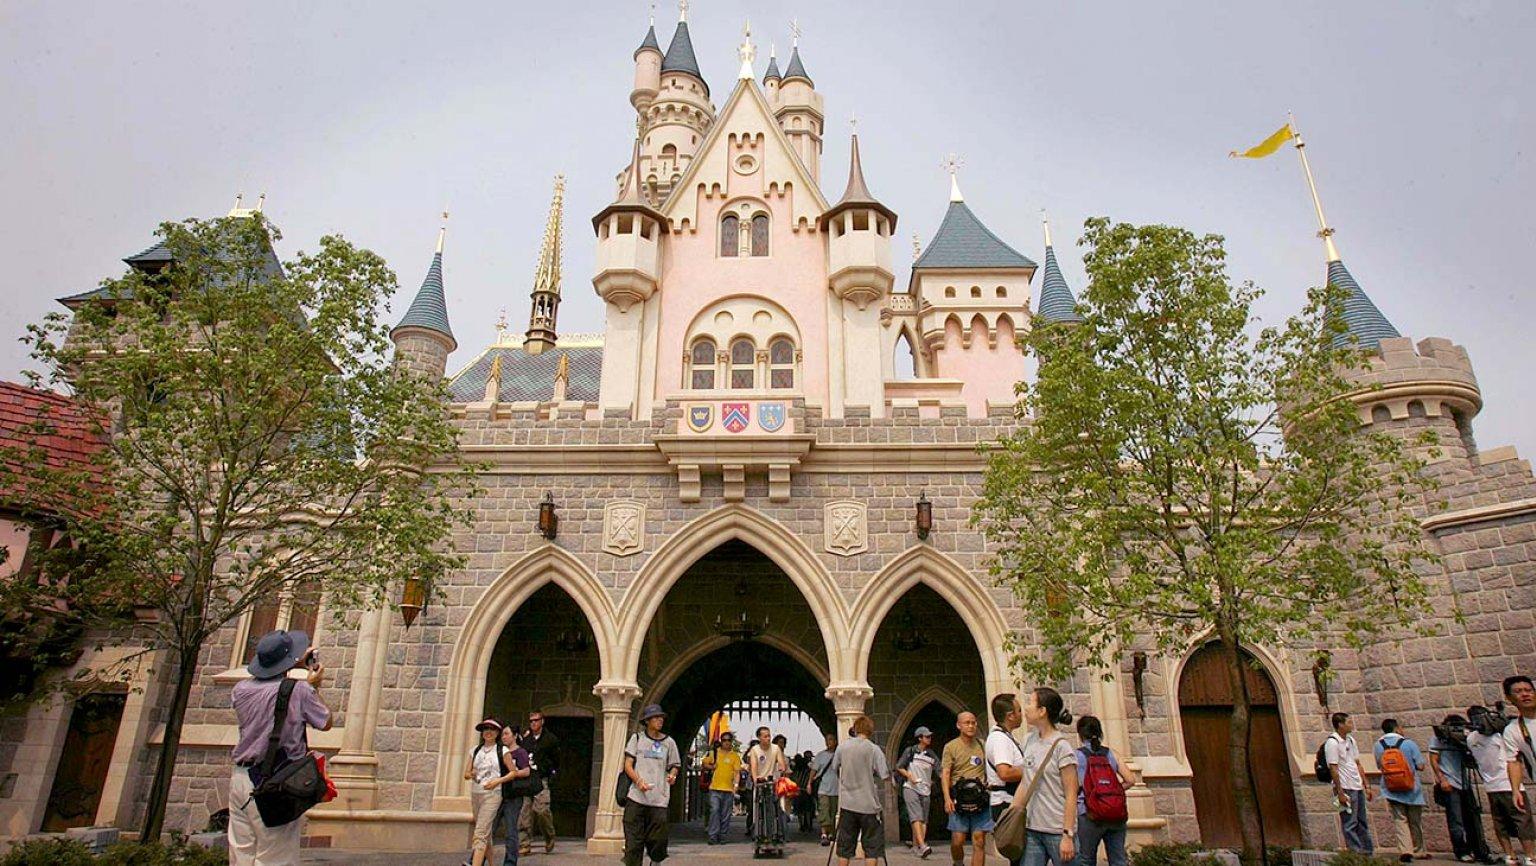 香港迪士尼乐园将于6月18日重新开放,需提前7日预约图片